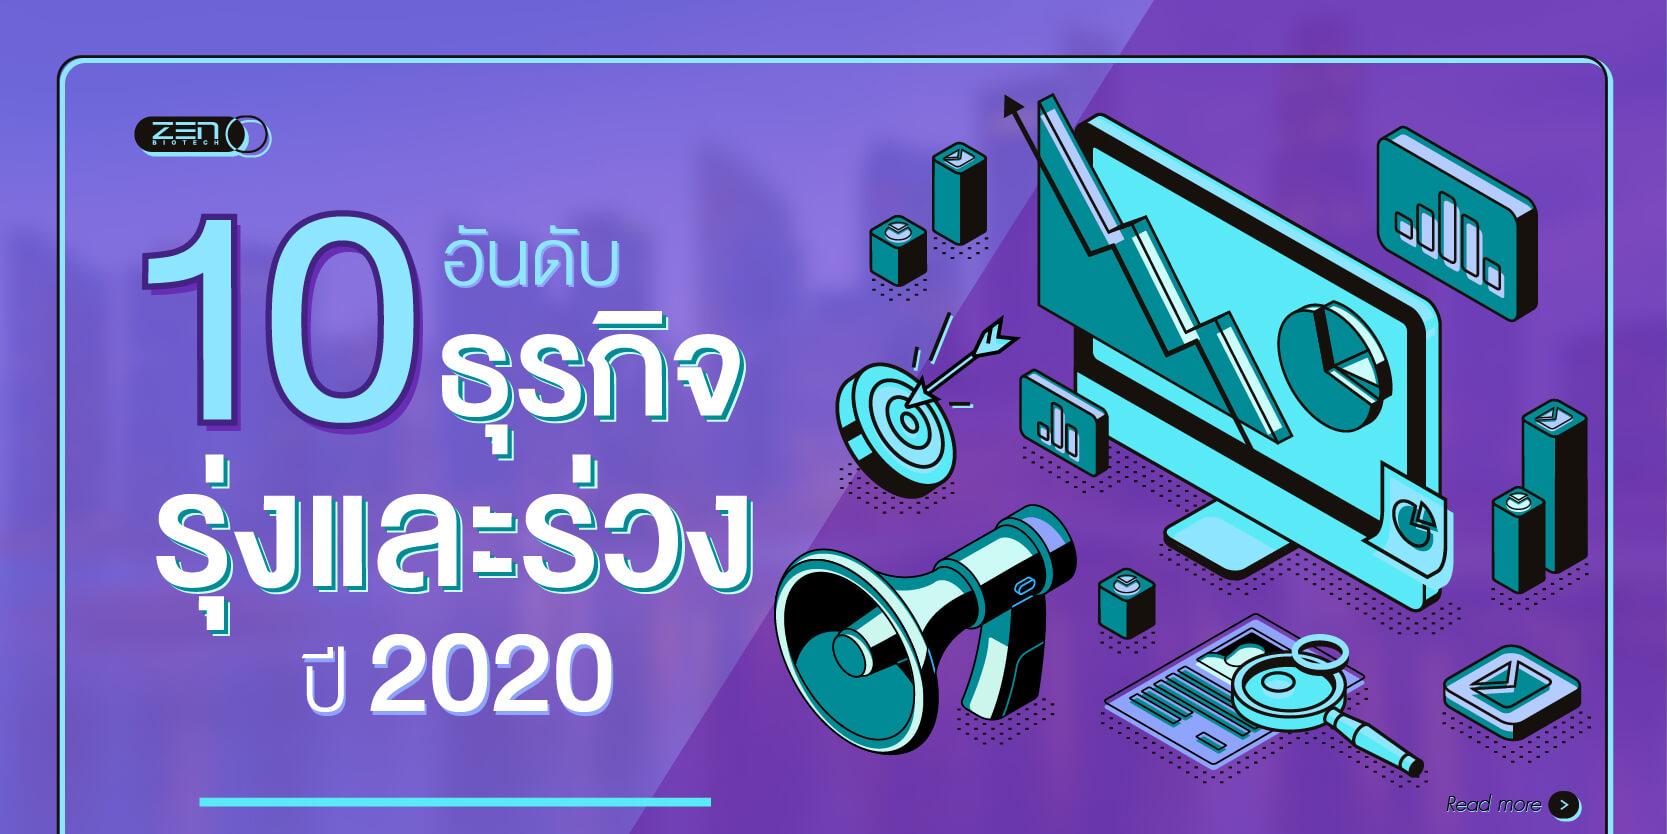 10 ธุรกิจเด่น-ร่วง ปี 2020